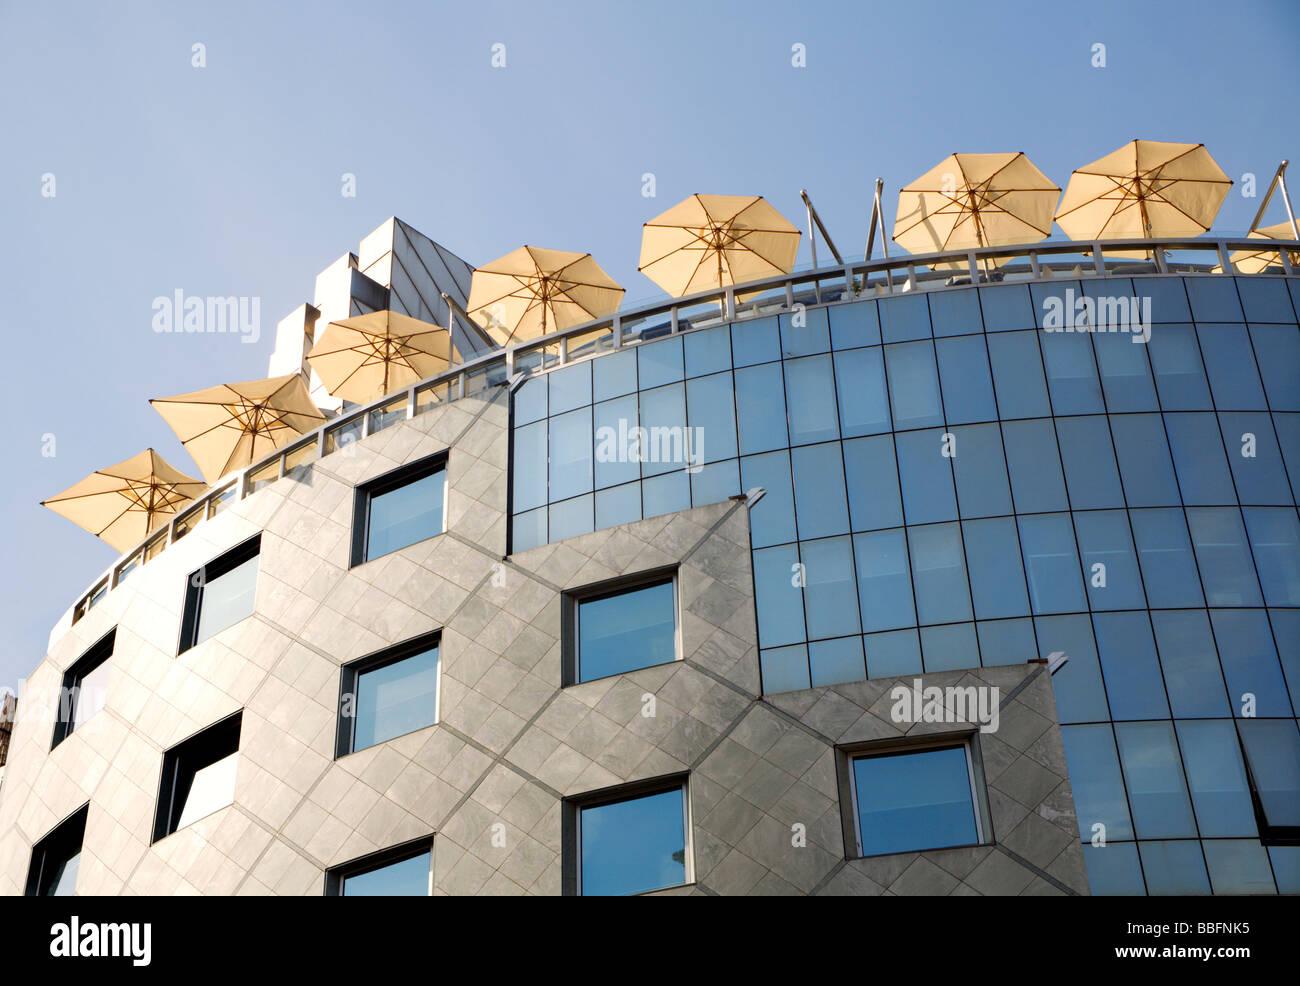 Vienne - l'architecture moderne Banque D'Images